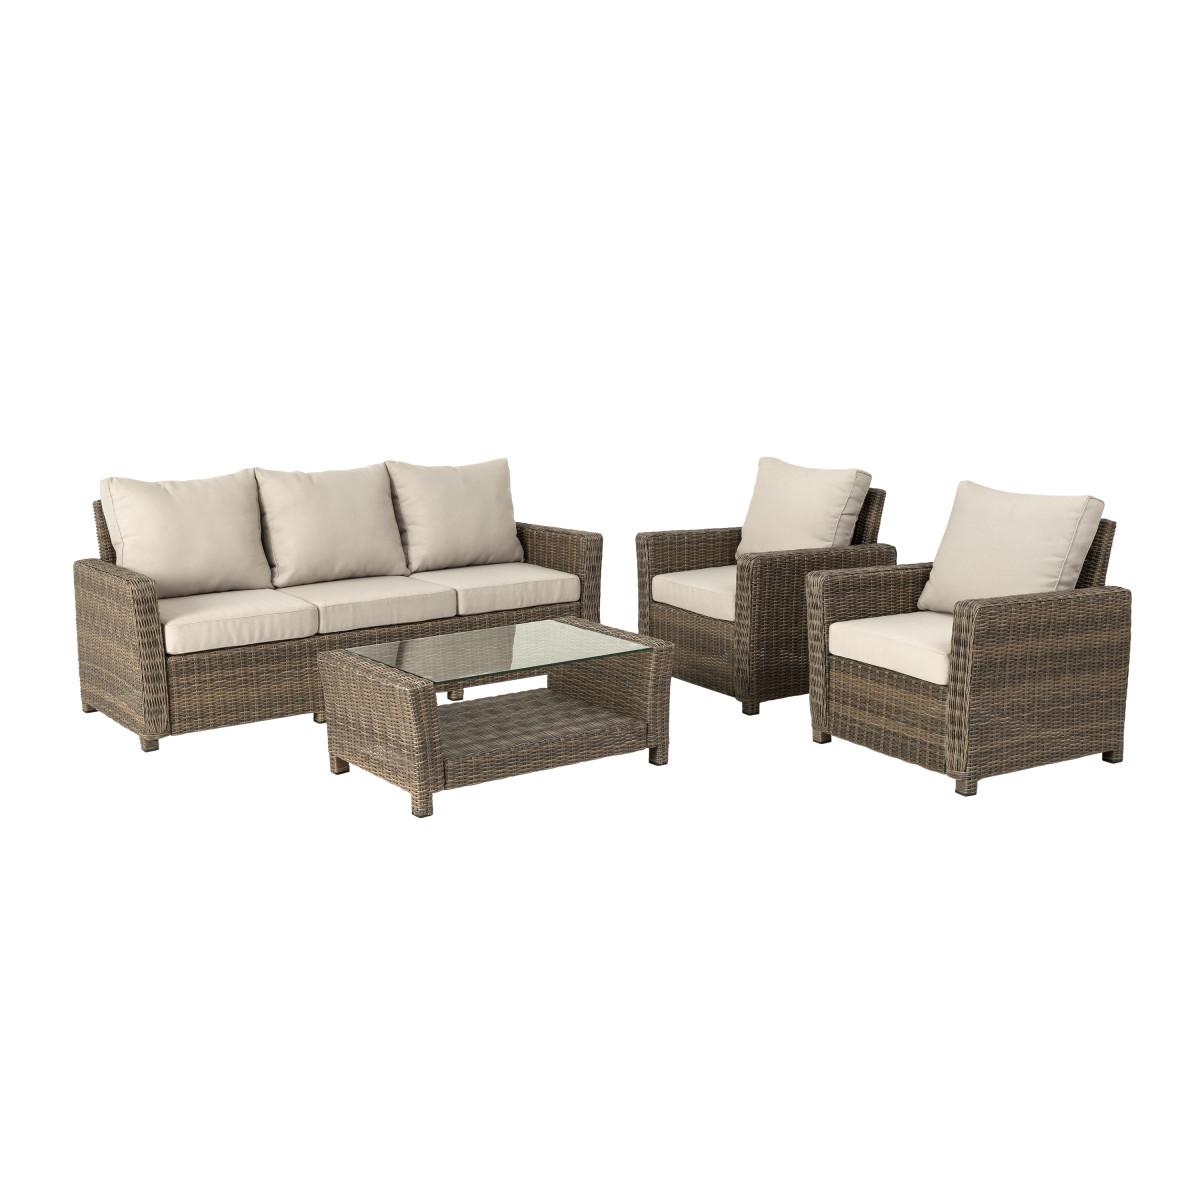 Набор садовой мебели Naterial полиротанг светло-коричневый стол диван и 2 кресла